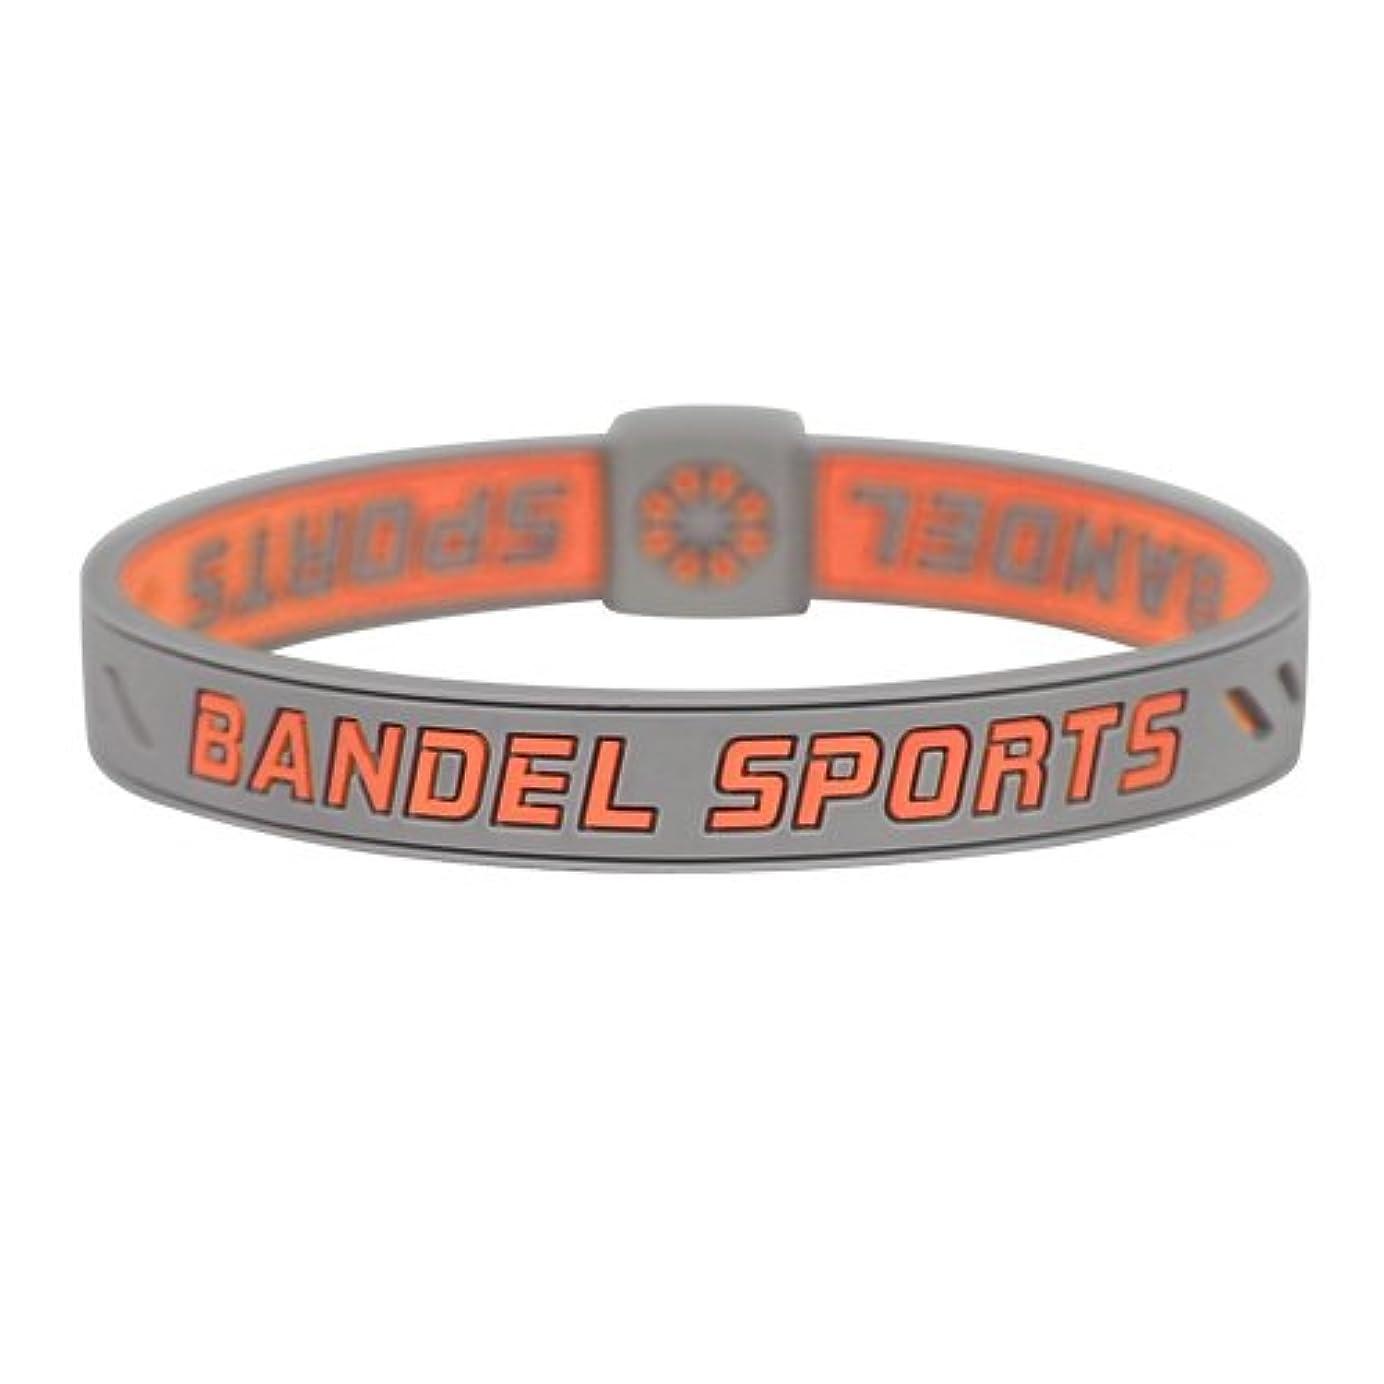 神経障害スロー不均一BANDEL SPORTS(バンデルスポーツ) ストリングブレスレット オレンジ×グレー S 2017年モデル